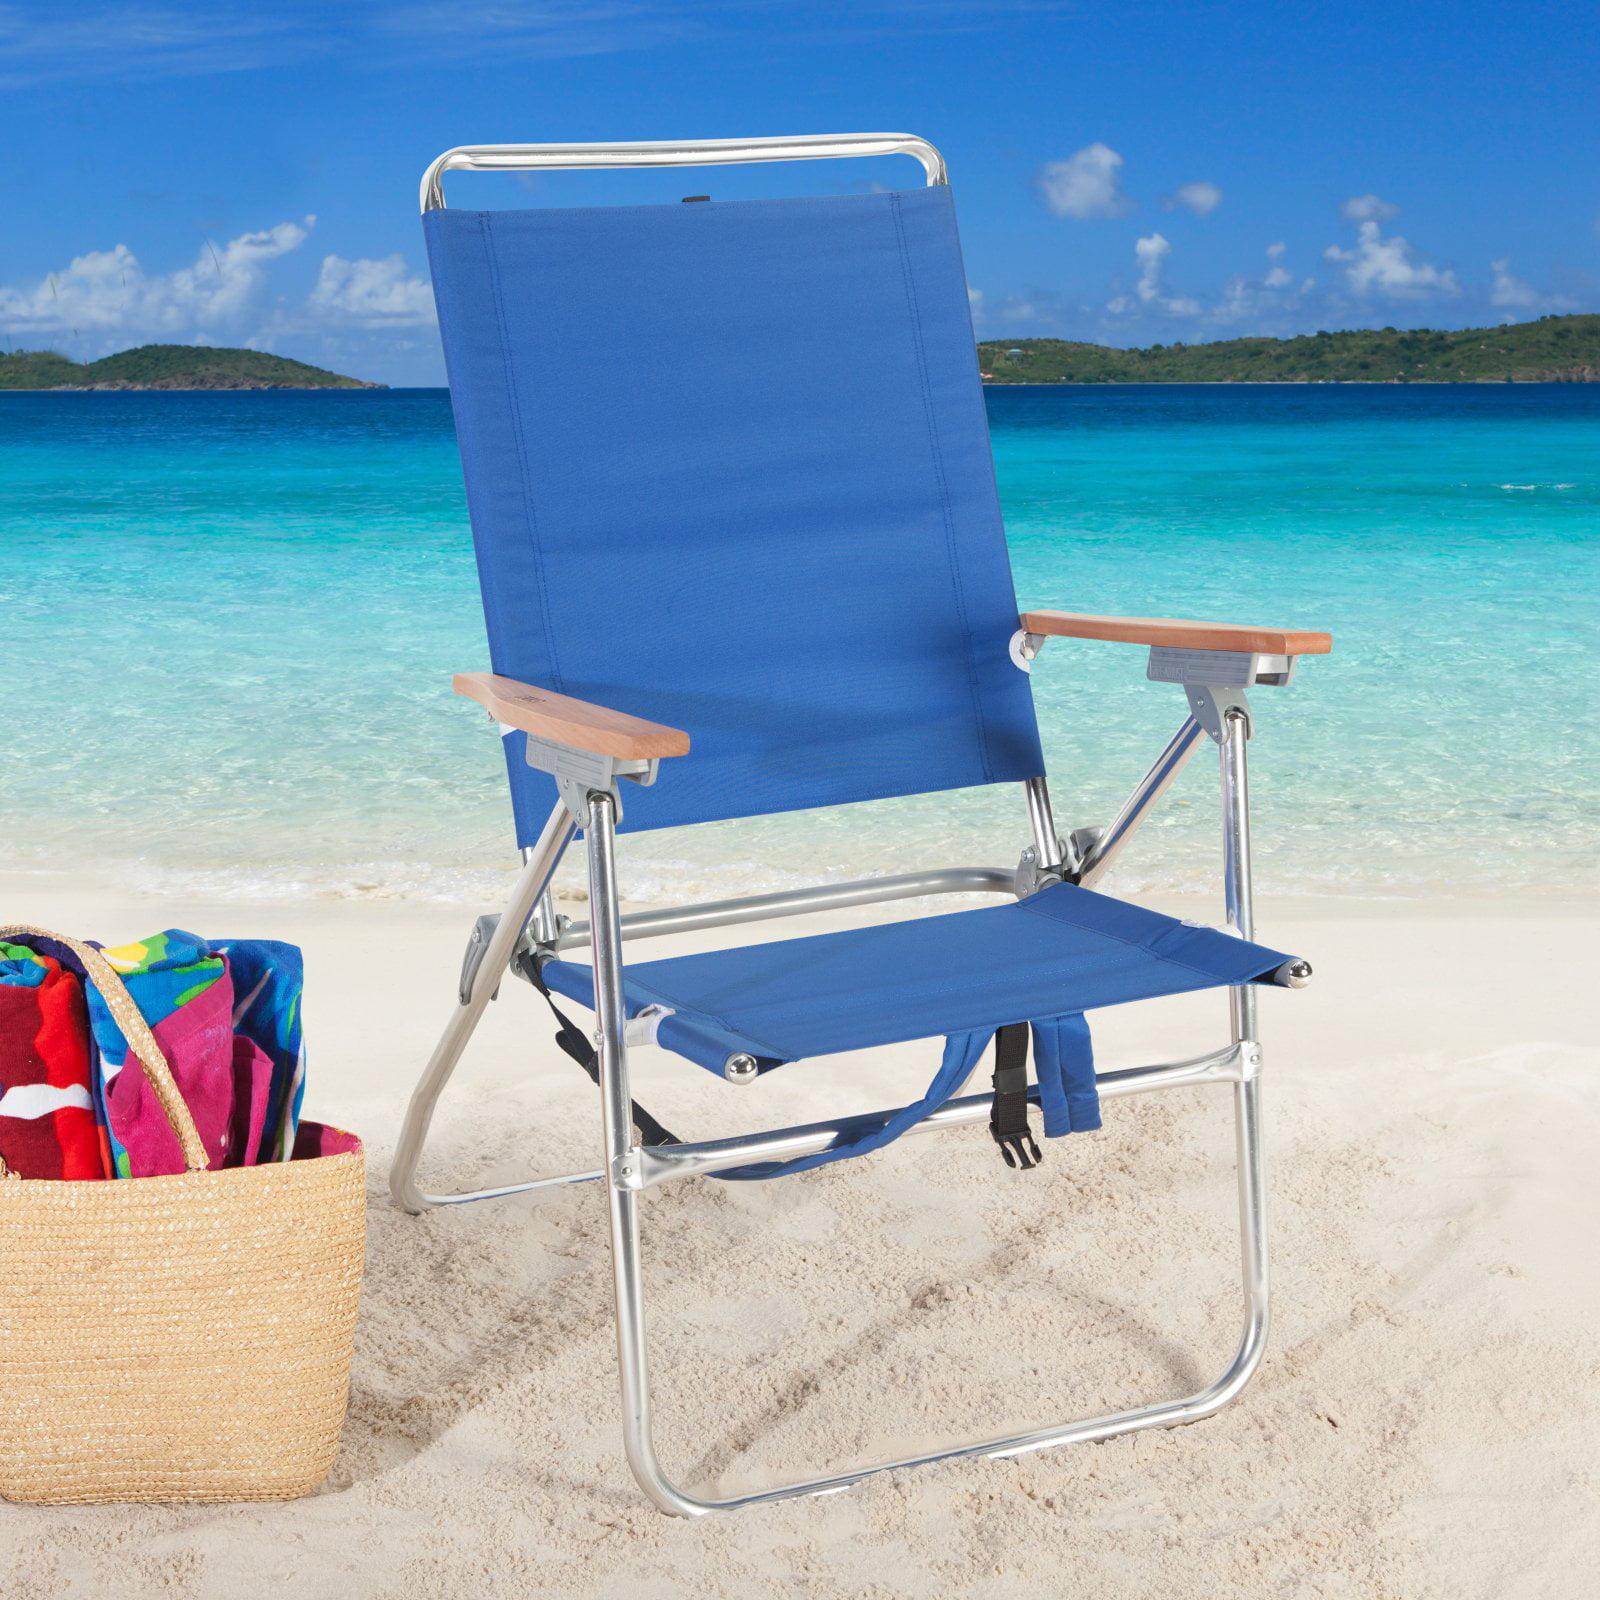 Rio Blue Hi Boy Backpack Beach Chair with Cooler Walmart